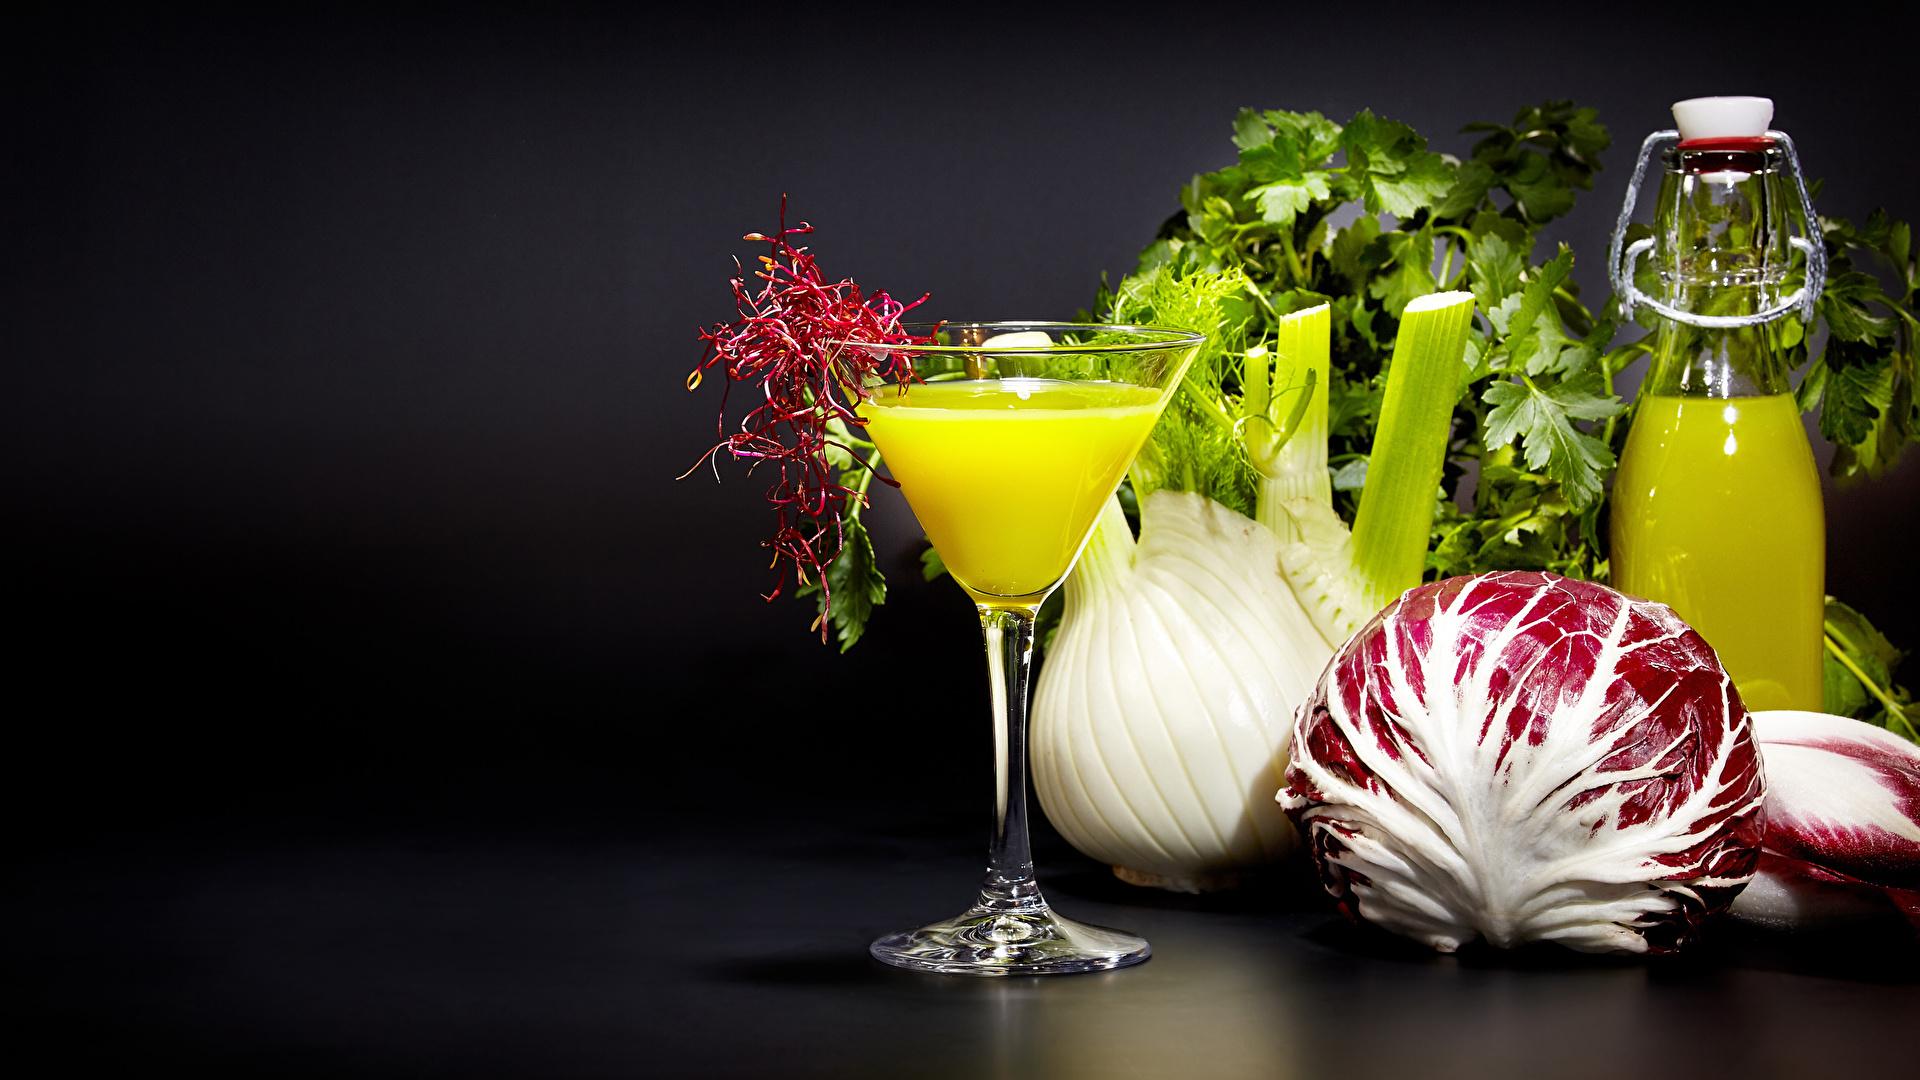 Foto Saft Gemüse Flasche Weinglas Lebensmittel 1920x1080 Fruchtsaft